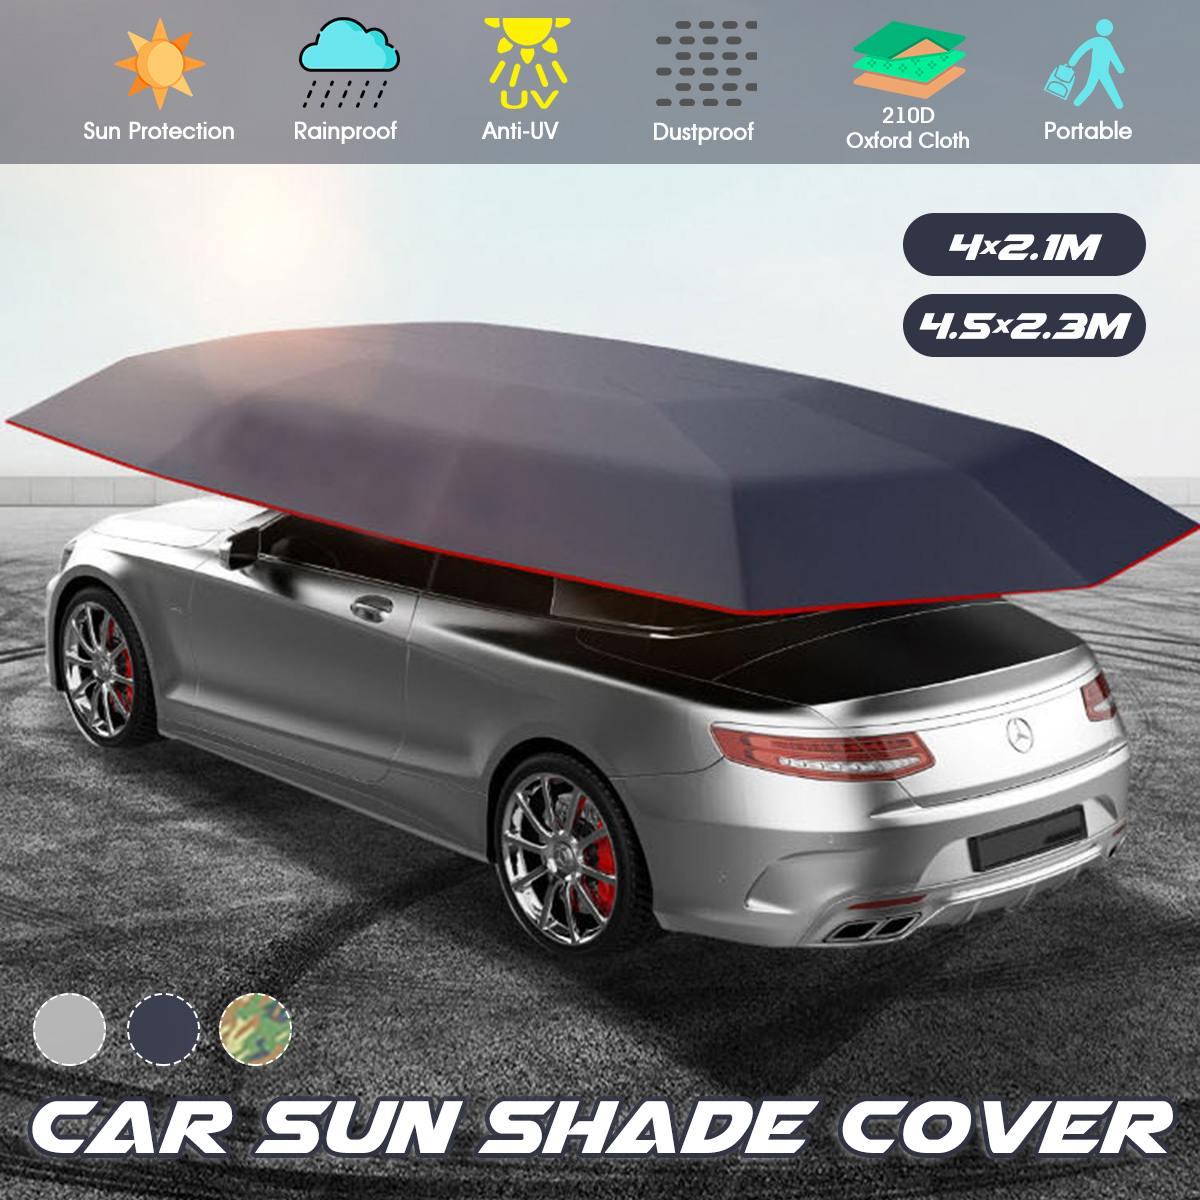 4.5x2.3 M/4.2x2.1 M Portable extérieur voiture véhicule tente voiture parapluie soleil ombre couverture Oxford tissu Polyester couvre sans support